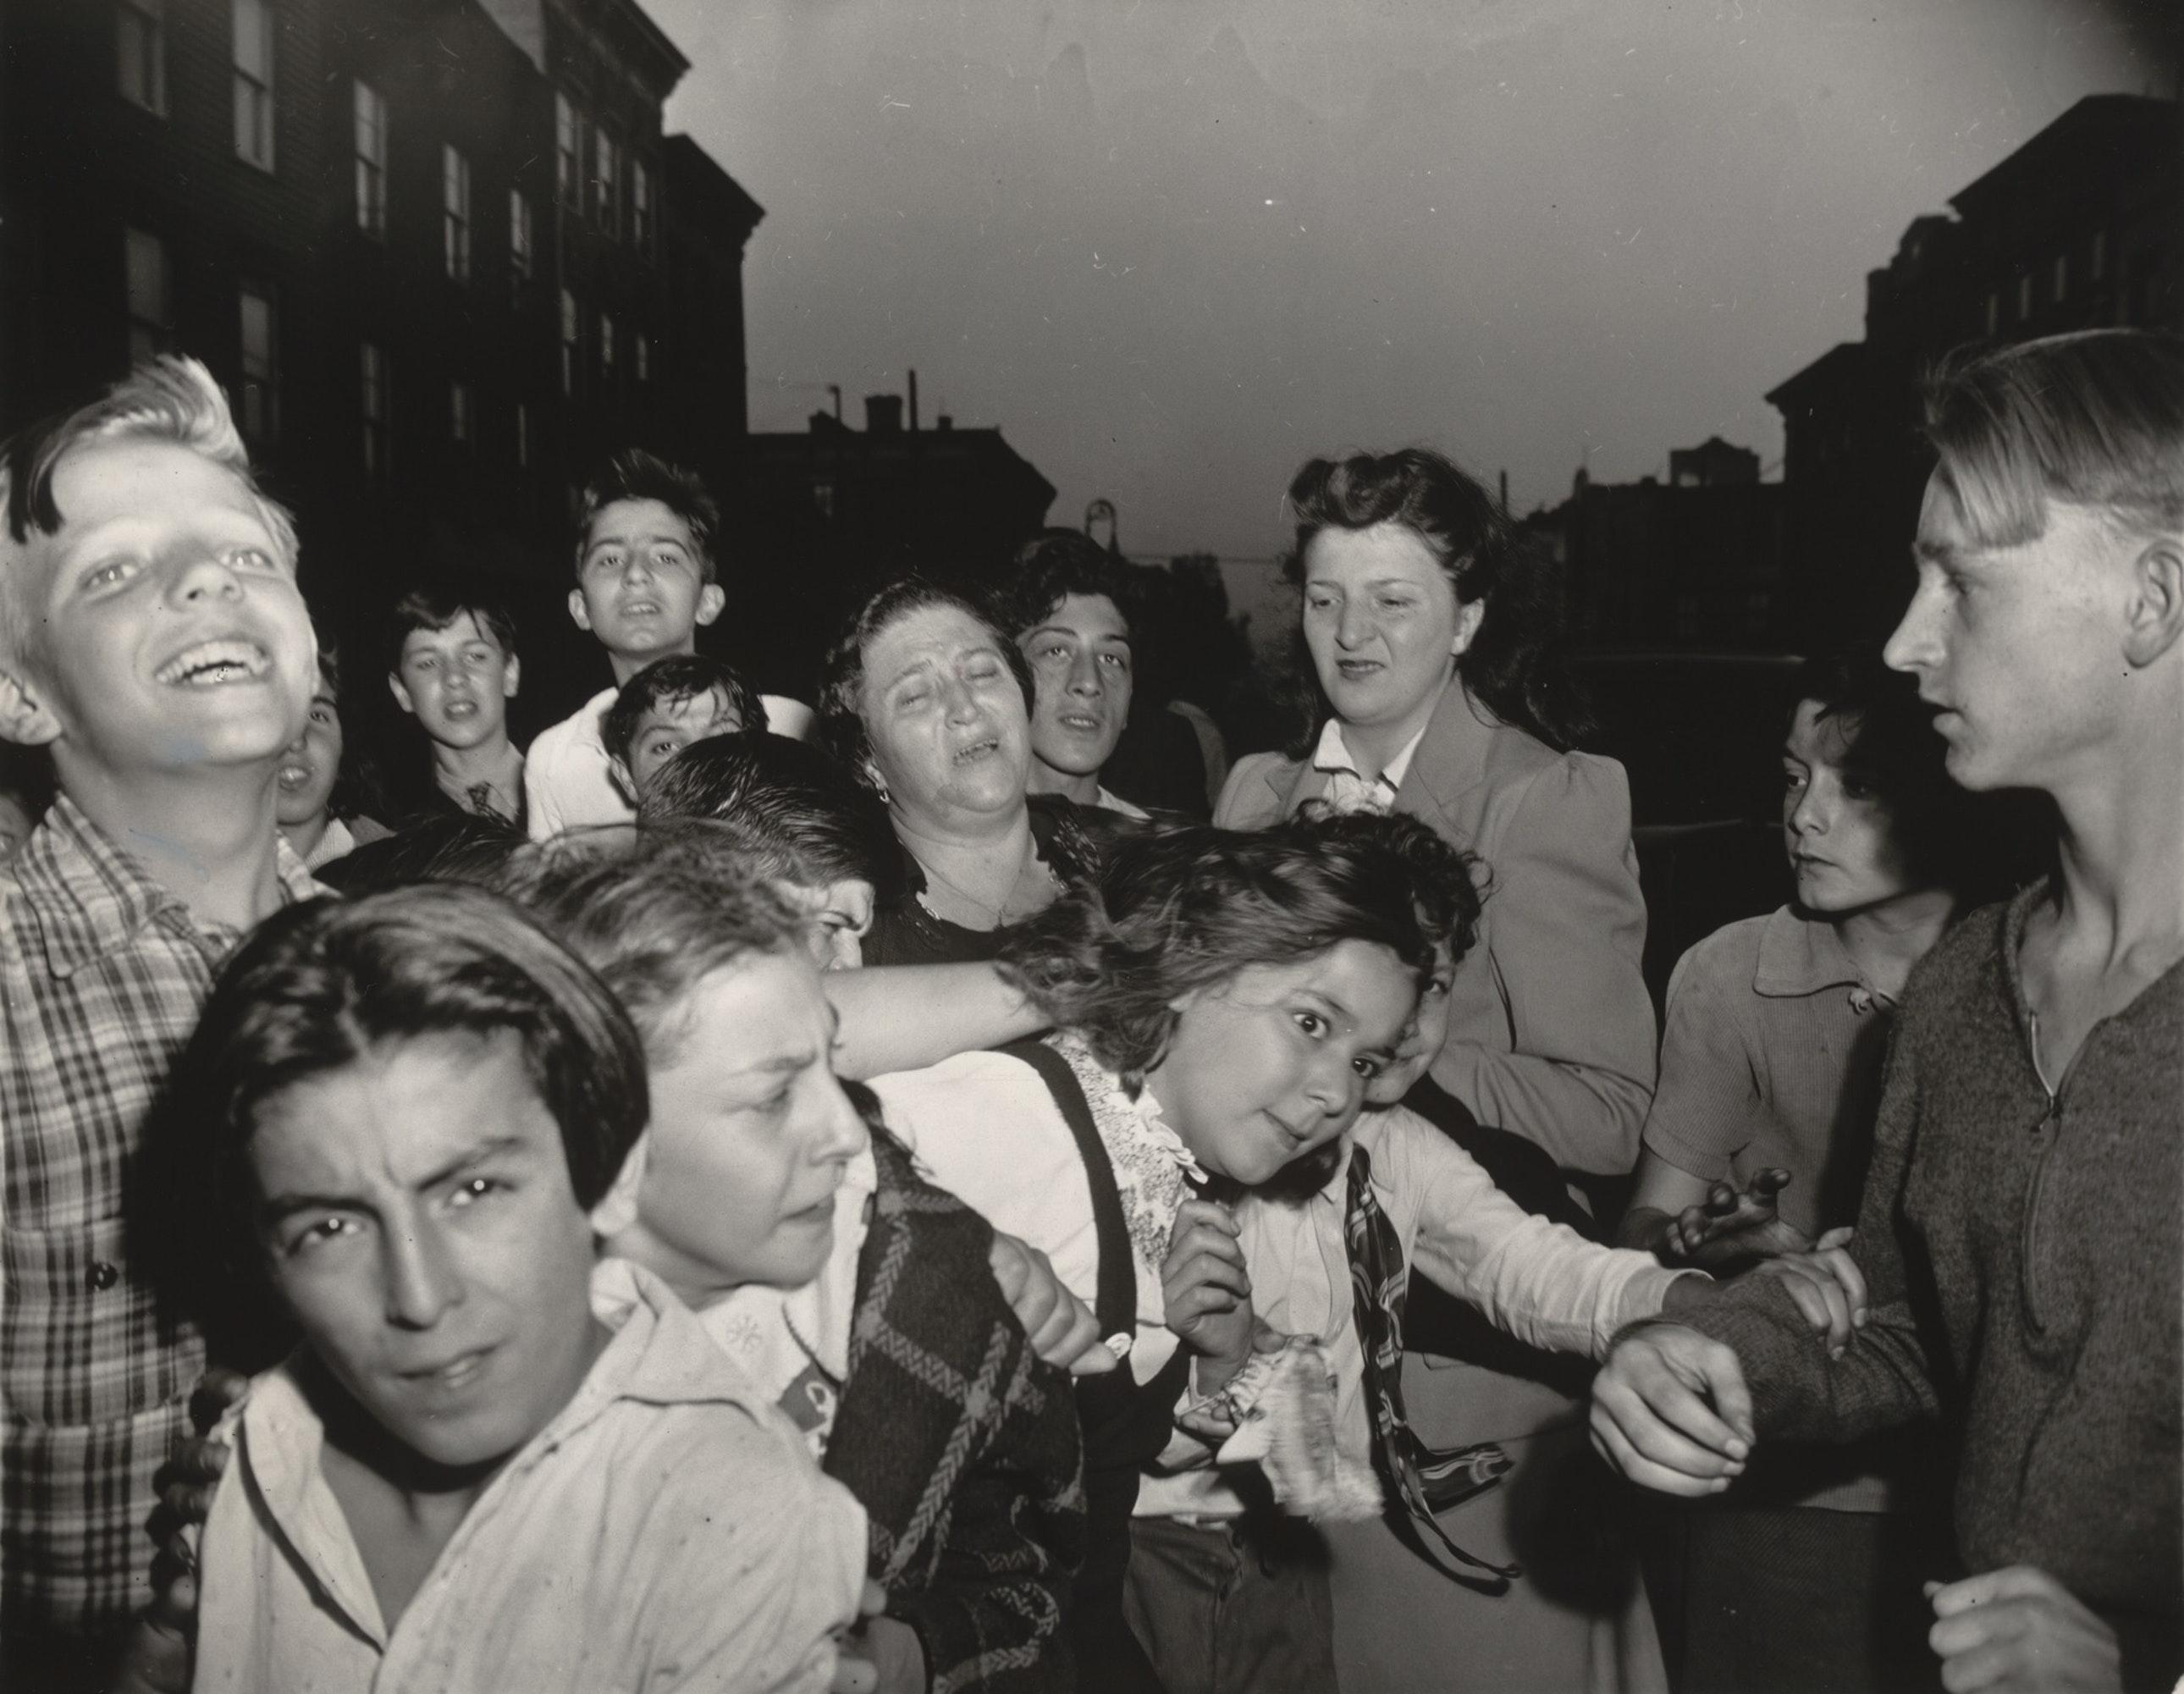 Старые фото с людьми из будущего